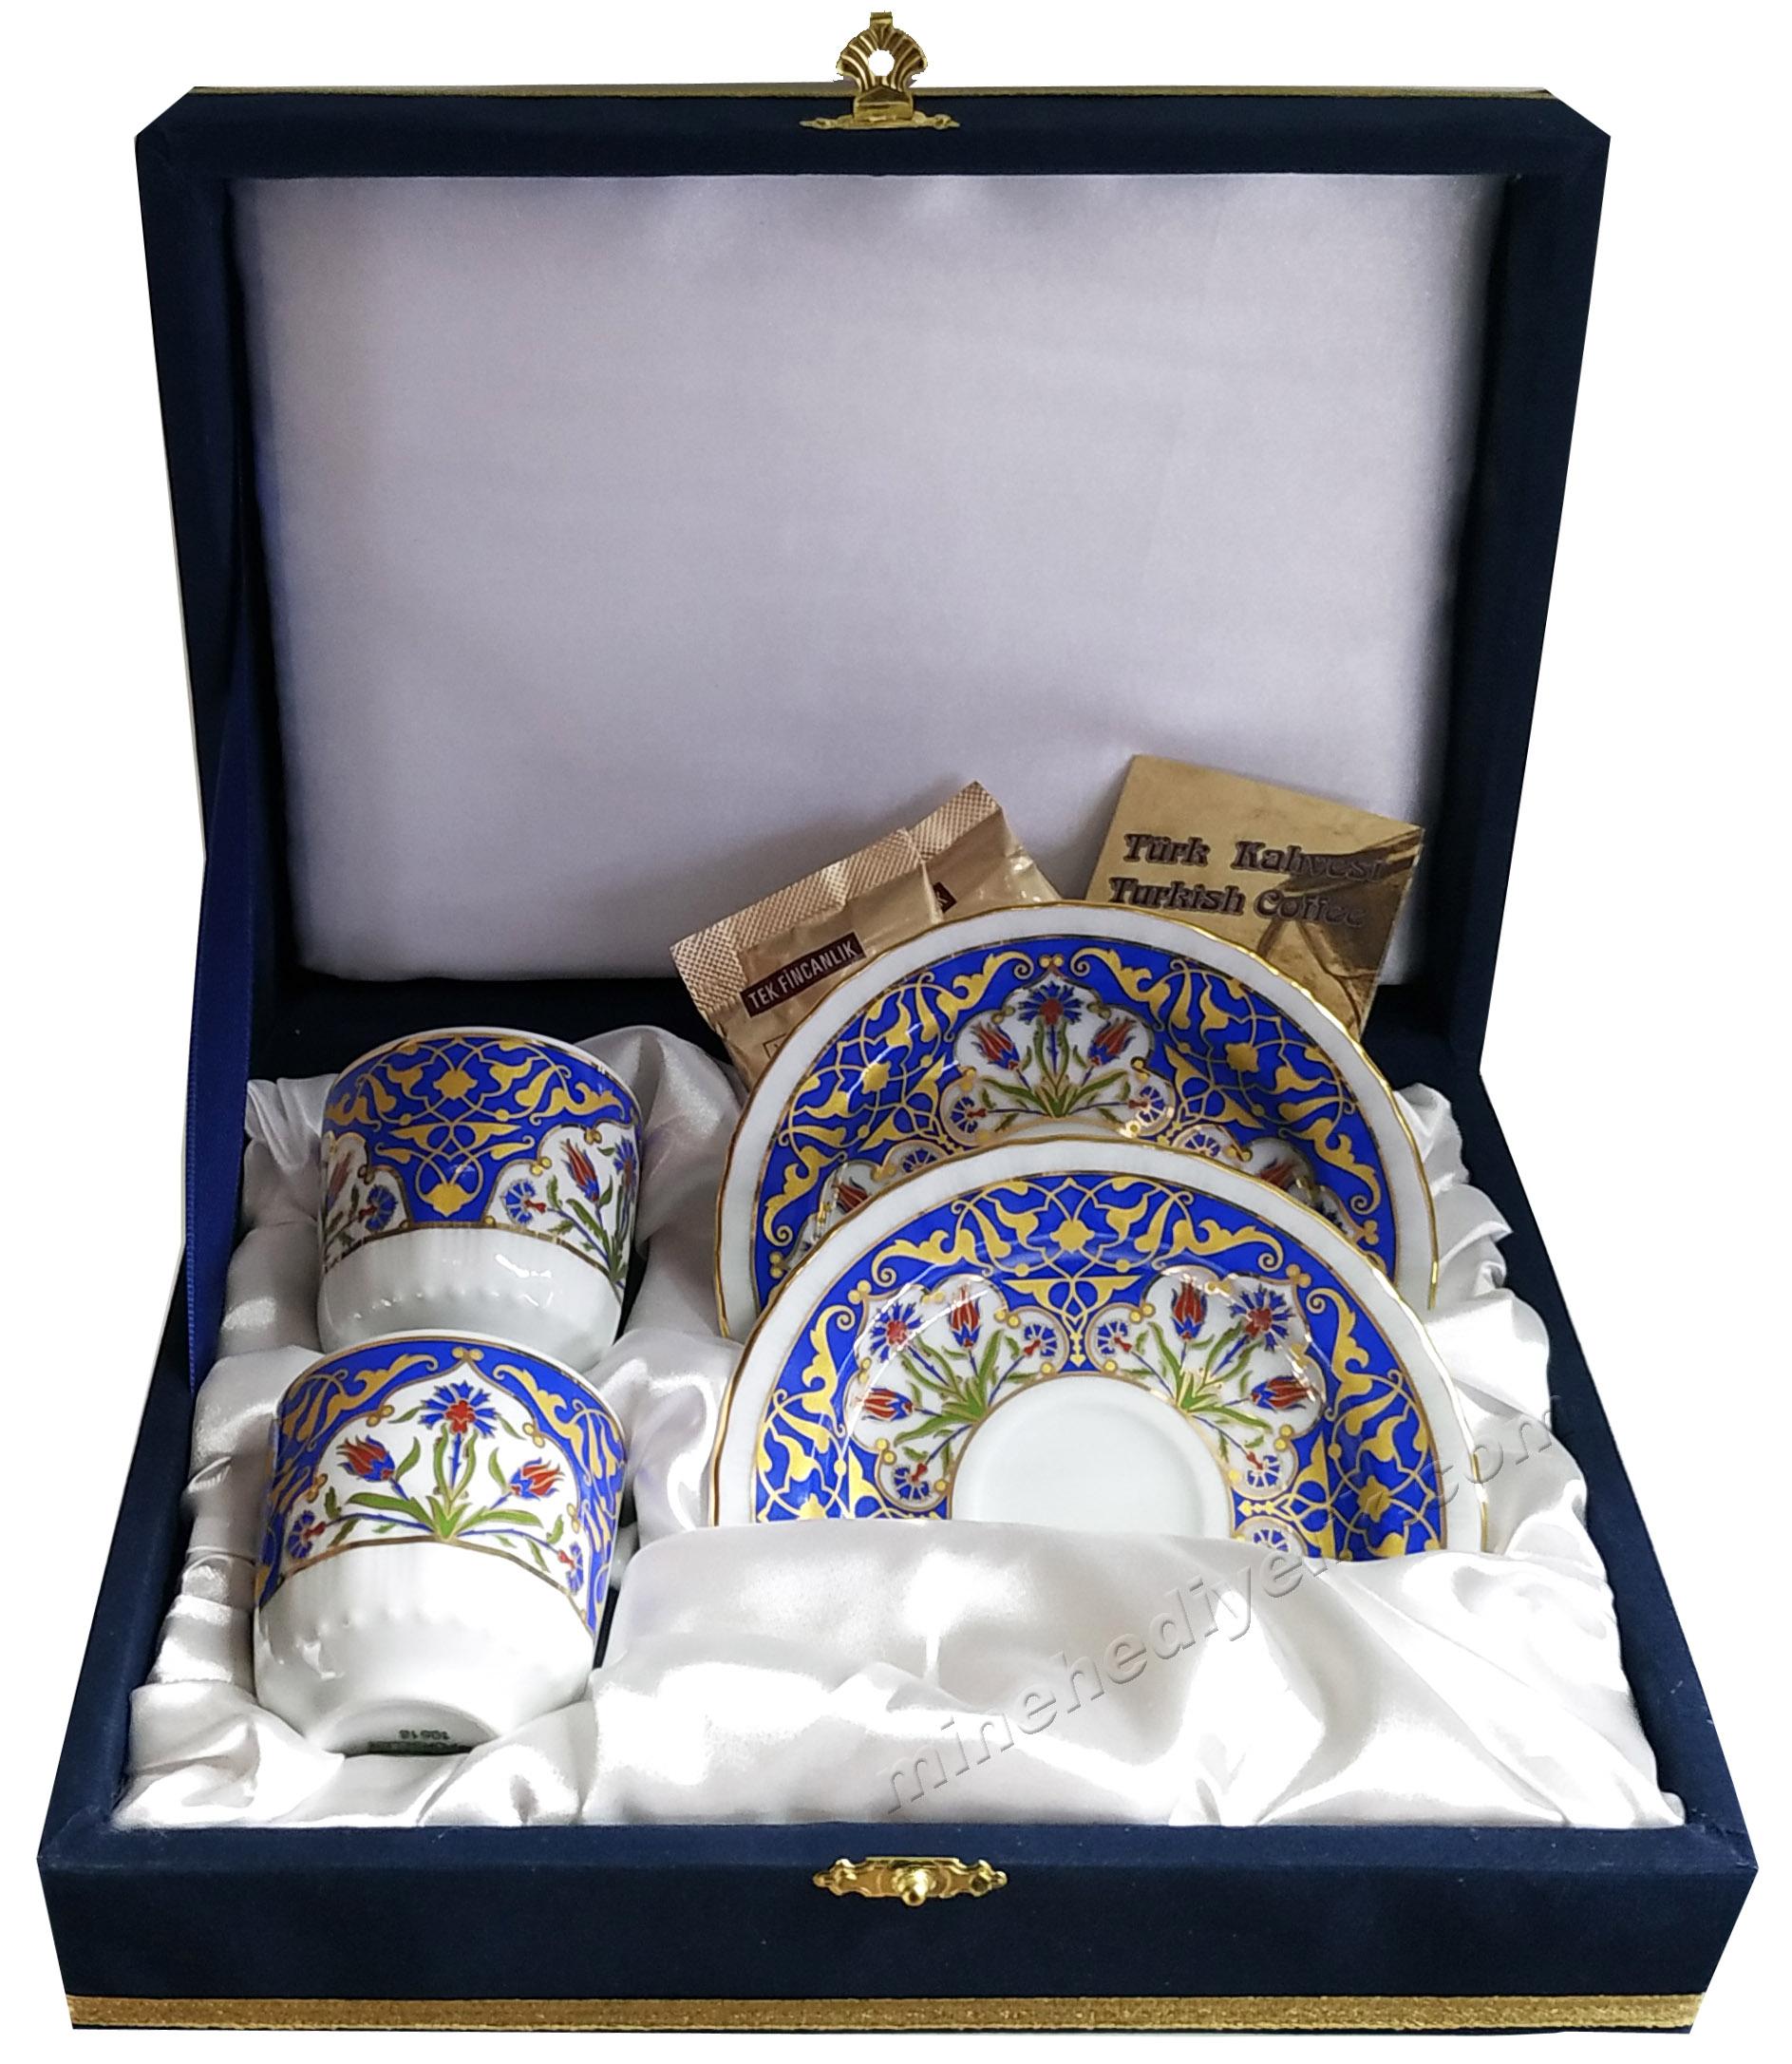 Çift Kişilik Kahve Fincan Setleri Özel Tasarım Kutularda Yeni Model Fincanlar Türk Kahvesi